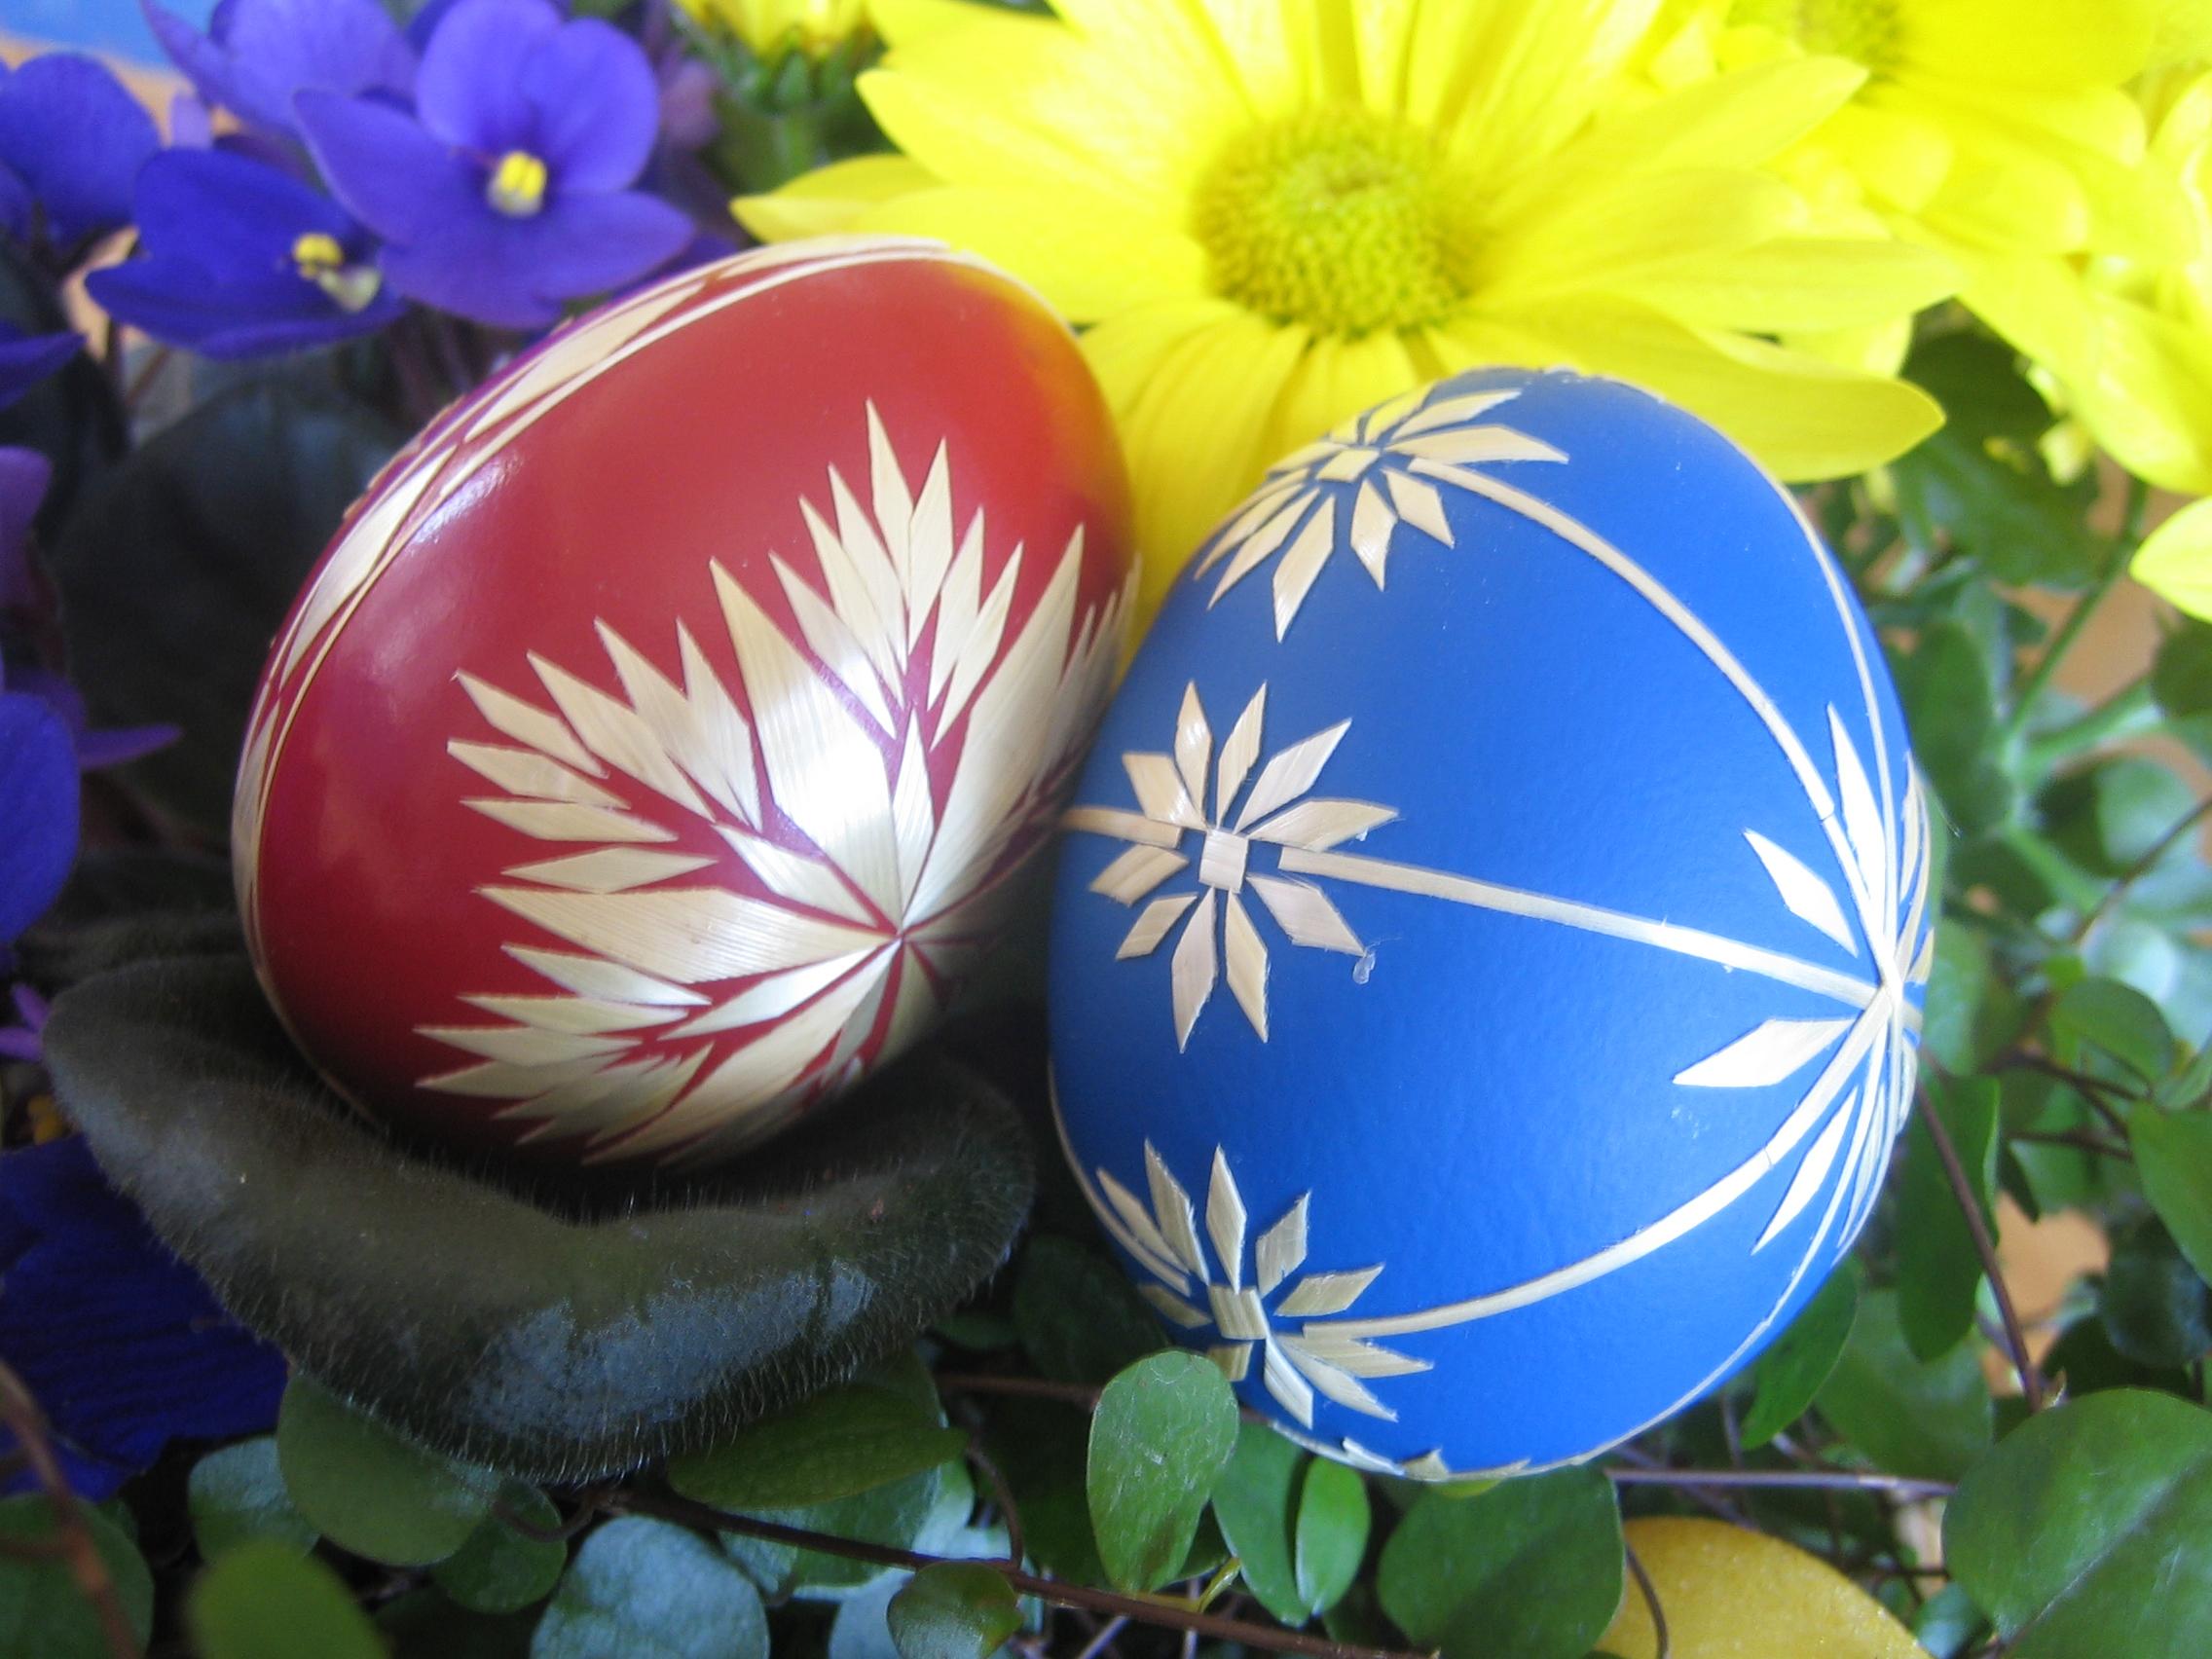 Decorare uova di Pasqua con colori acrilici